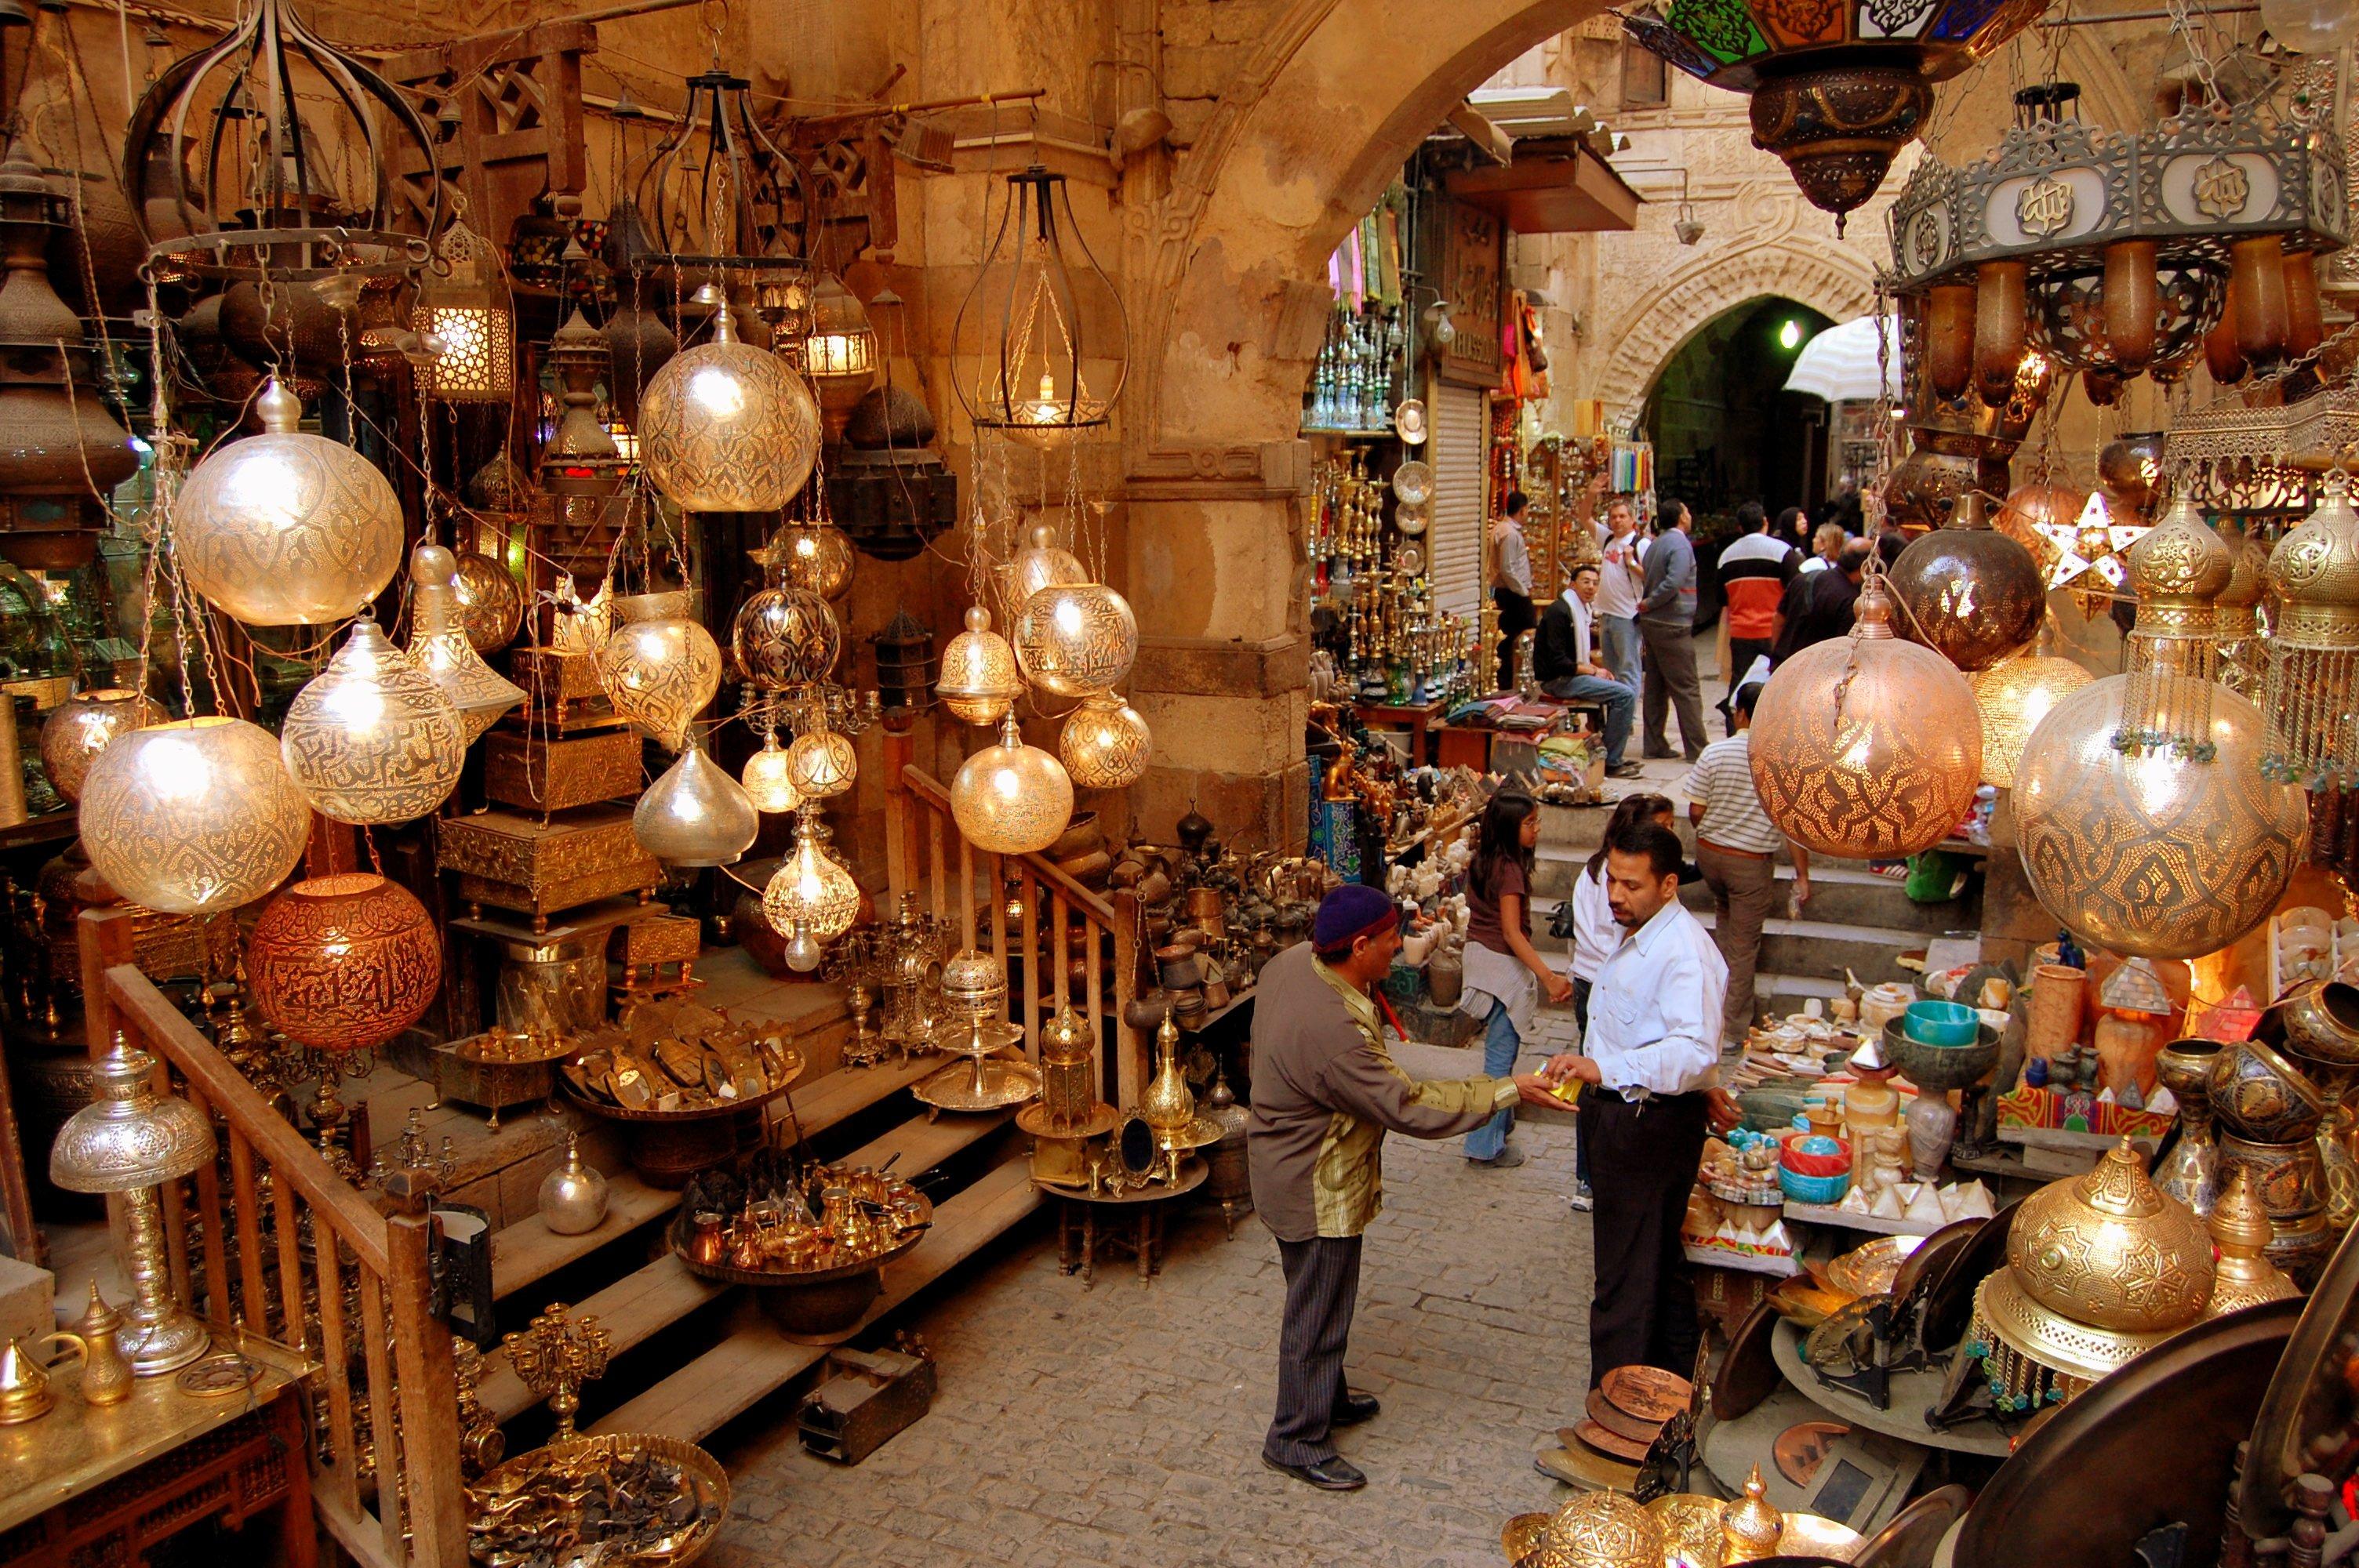 رحلات الي مصر برنامج القاهرة والغردقة